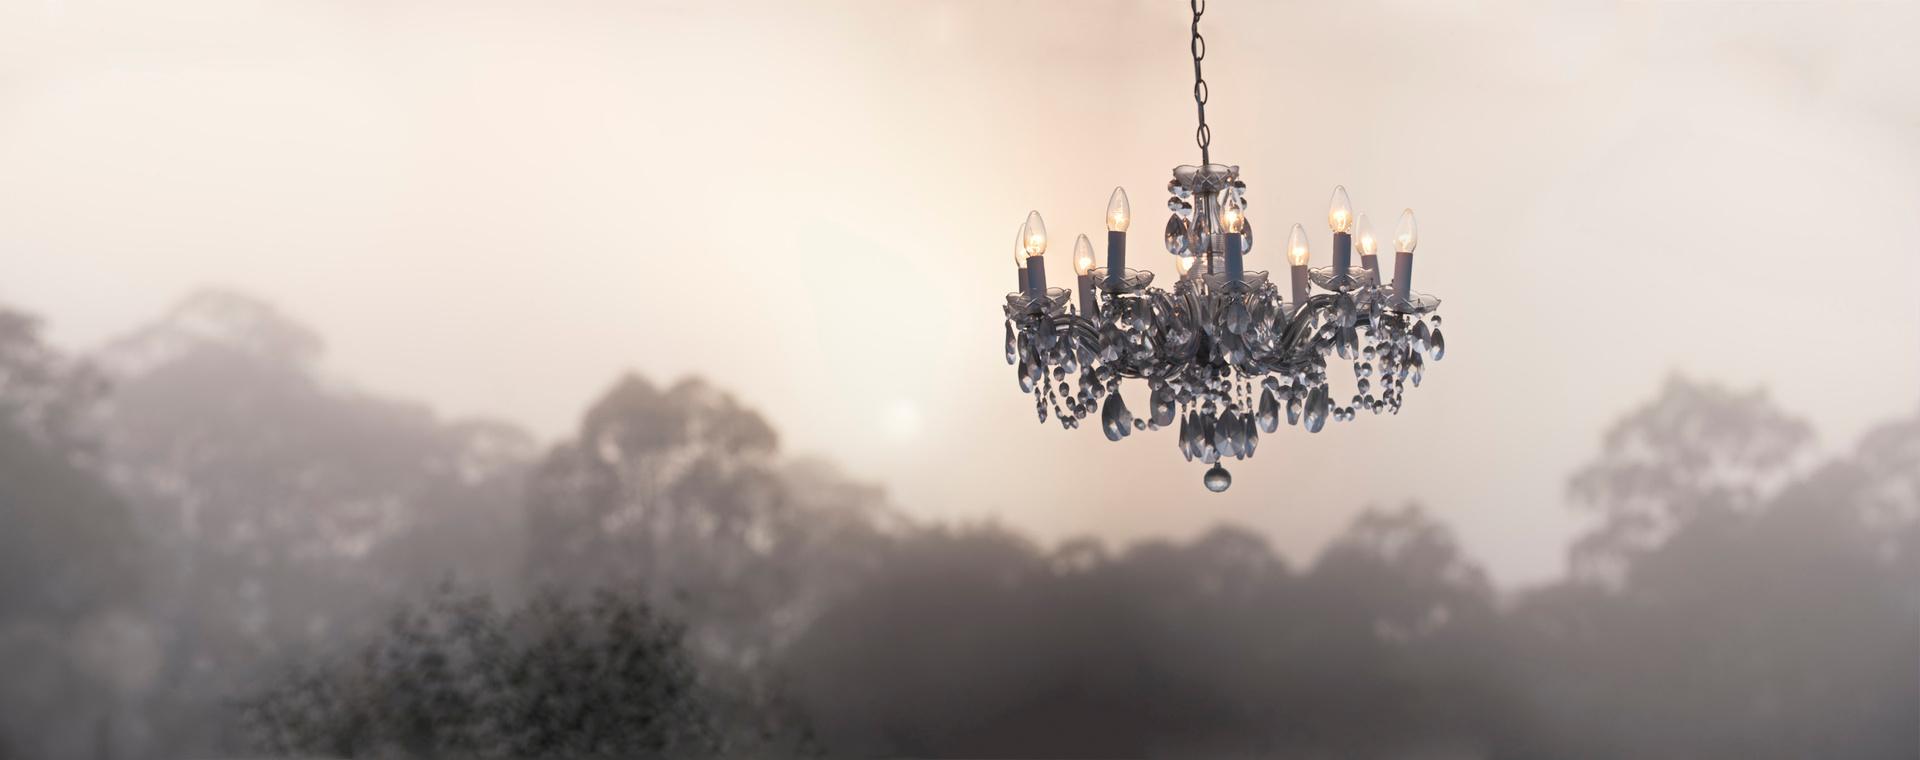 Illumination #3, 2012